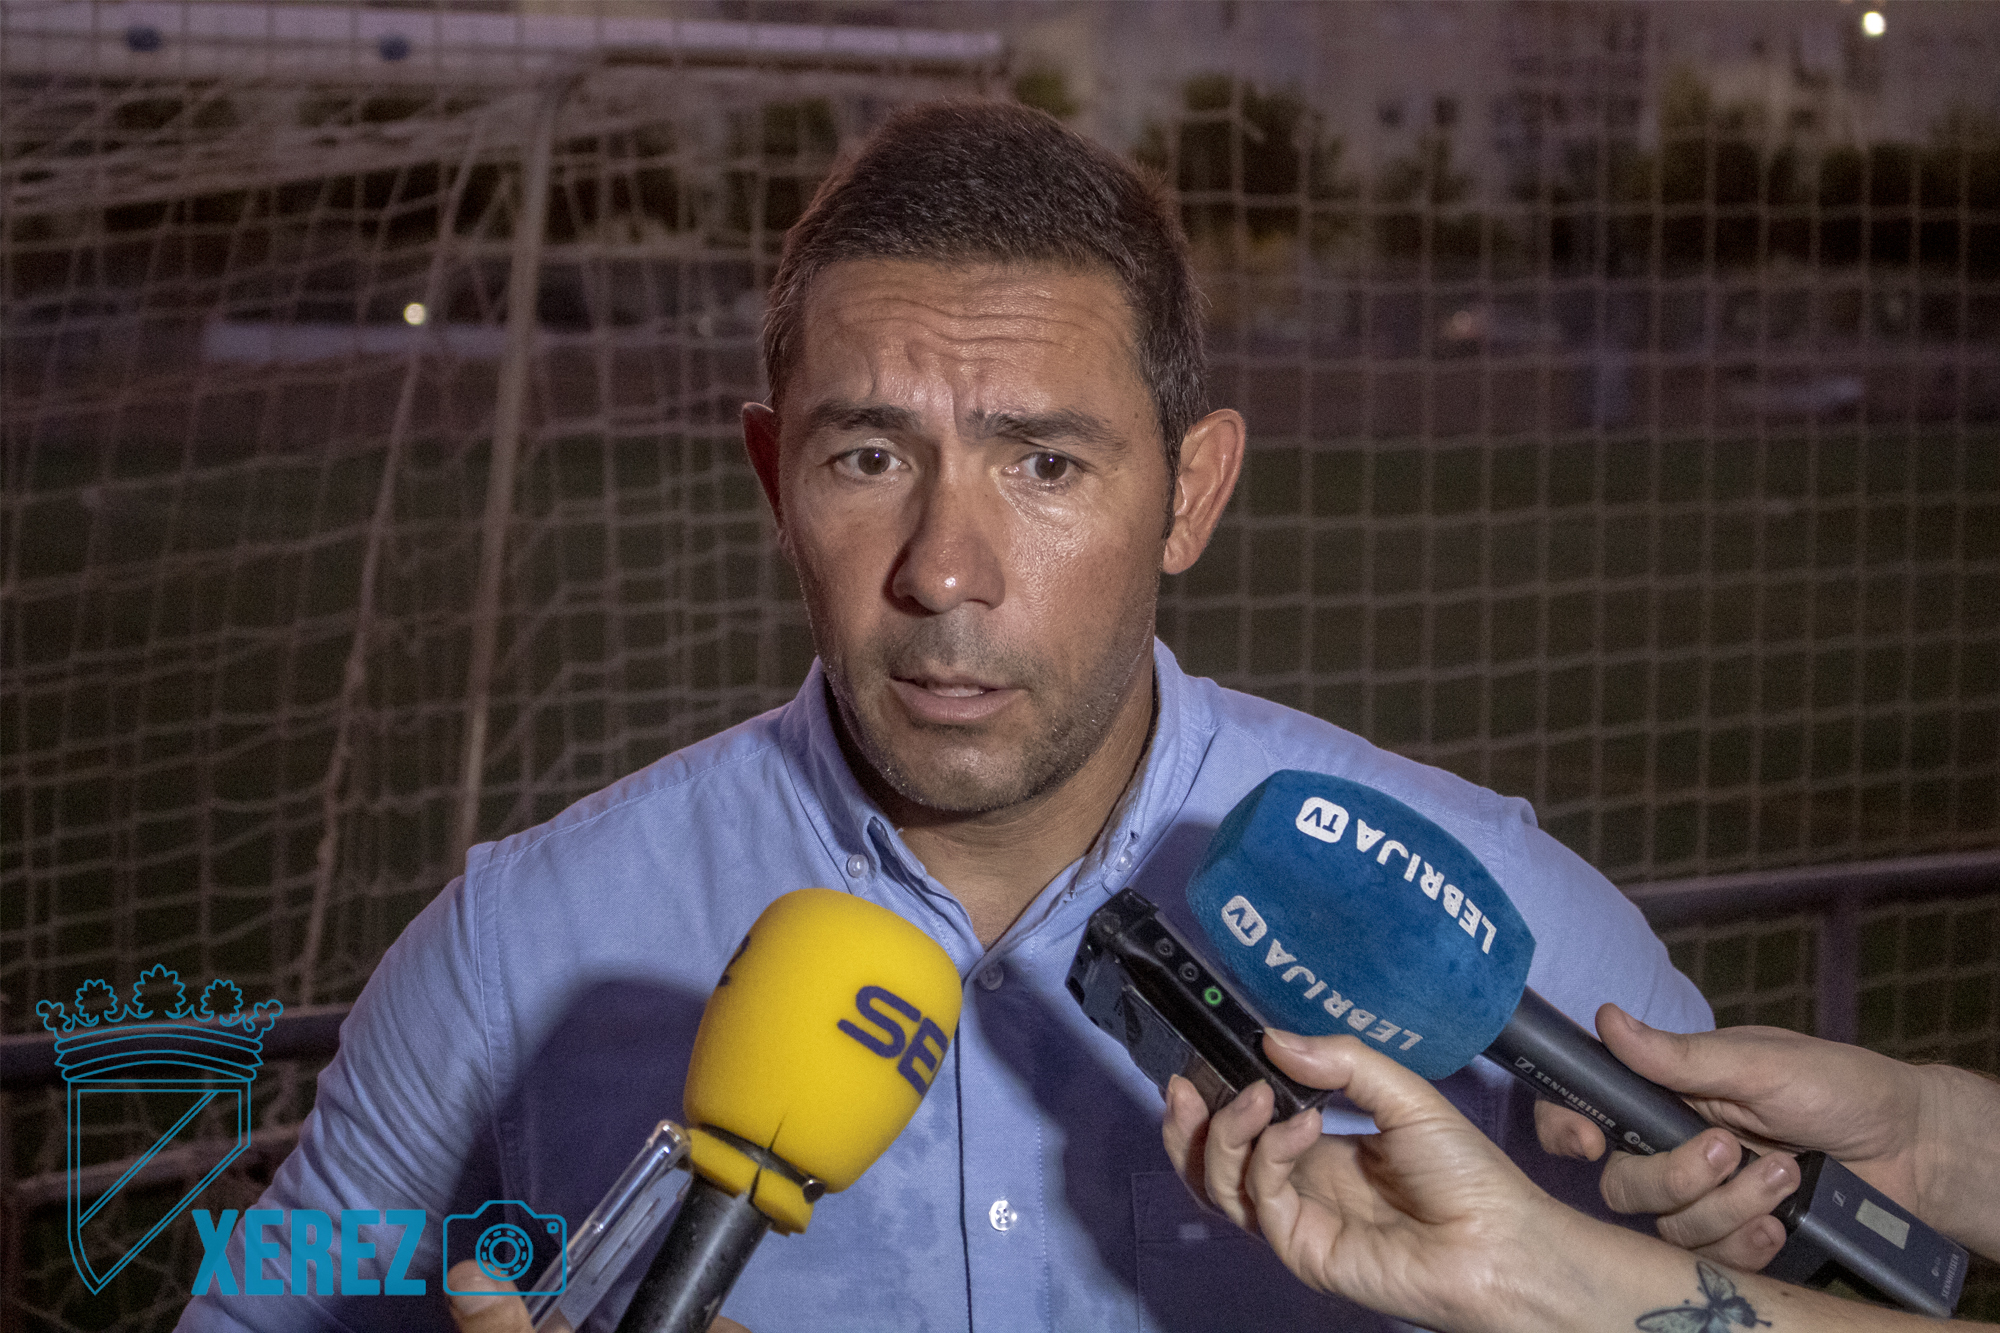 http://www.xerezclubdeportivo.es/wp-content/uploads/2019/09/lebrijana00206.jpg